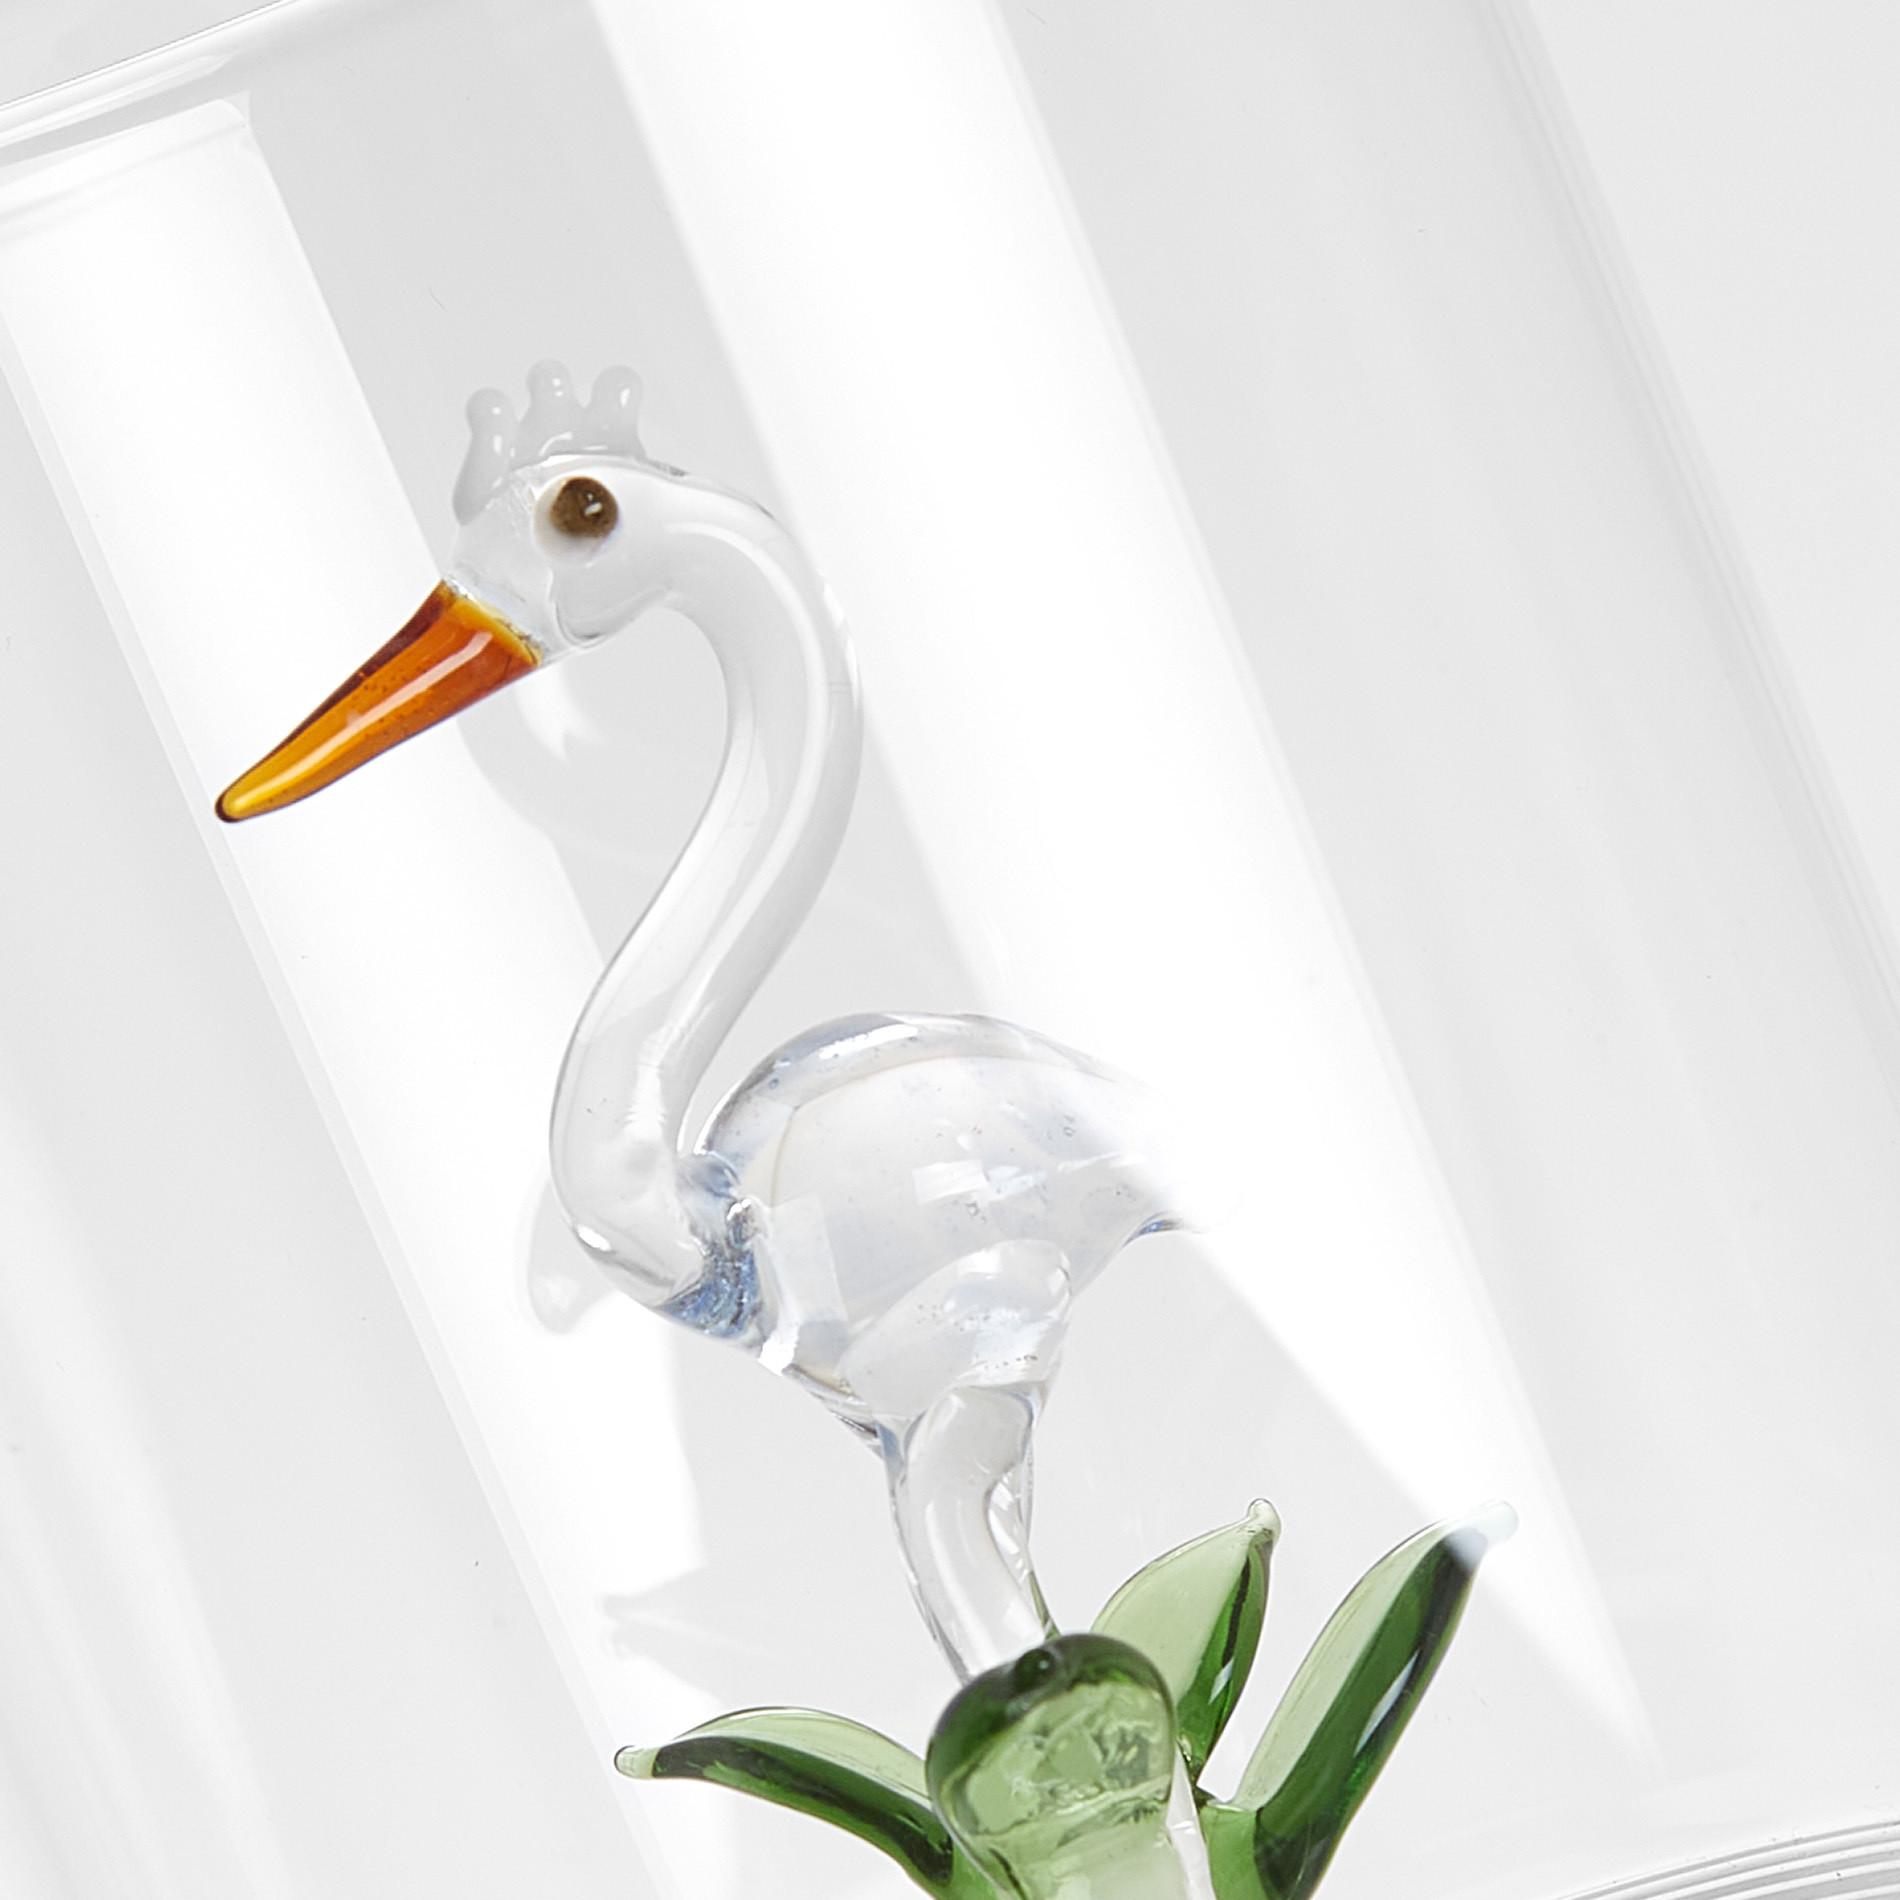 Bicchiere vetro dettaglio airone, Trasparente, large image number 1